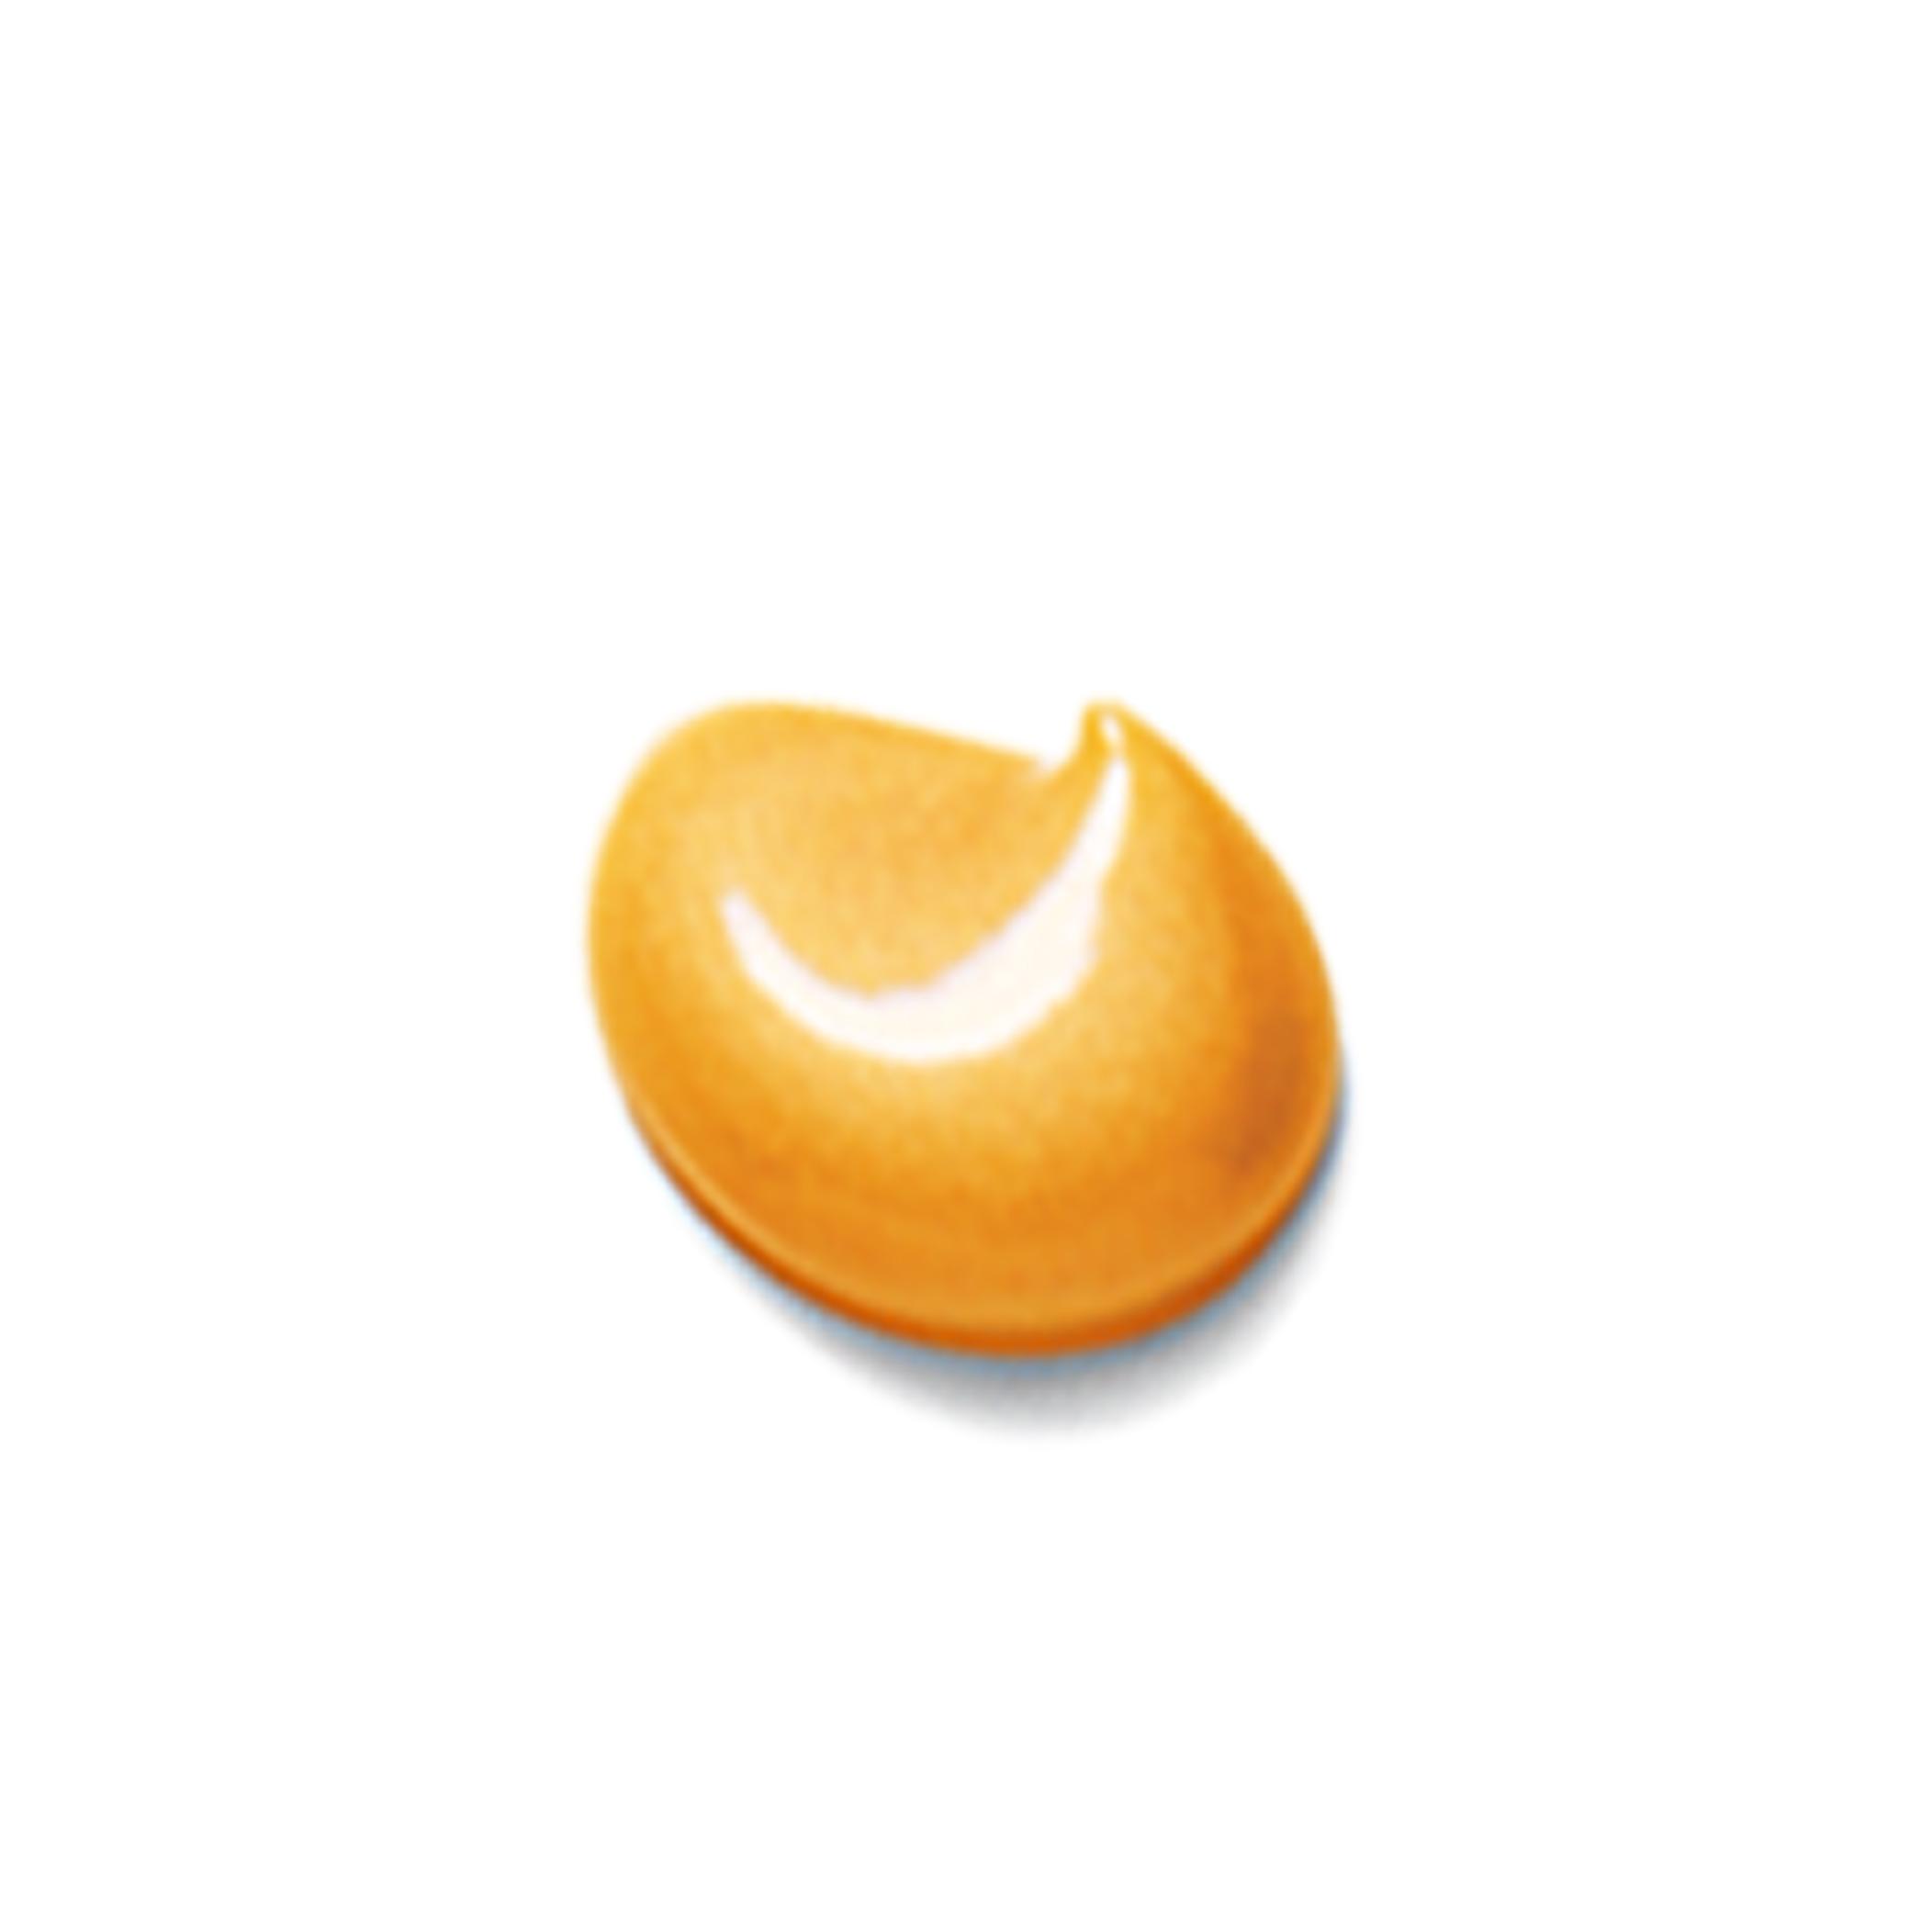 PREVAGE® Crème Contour des Yeux Anti-âge IPS 15, , large